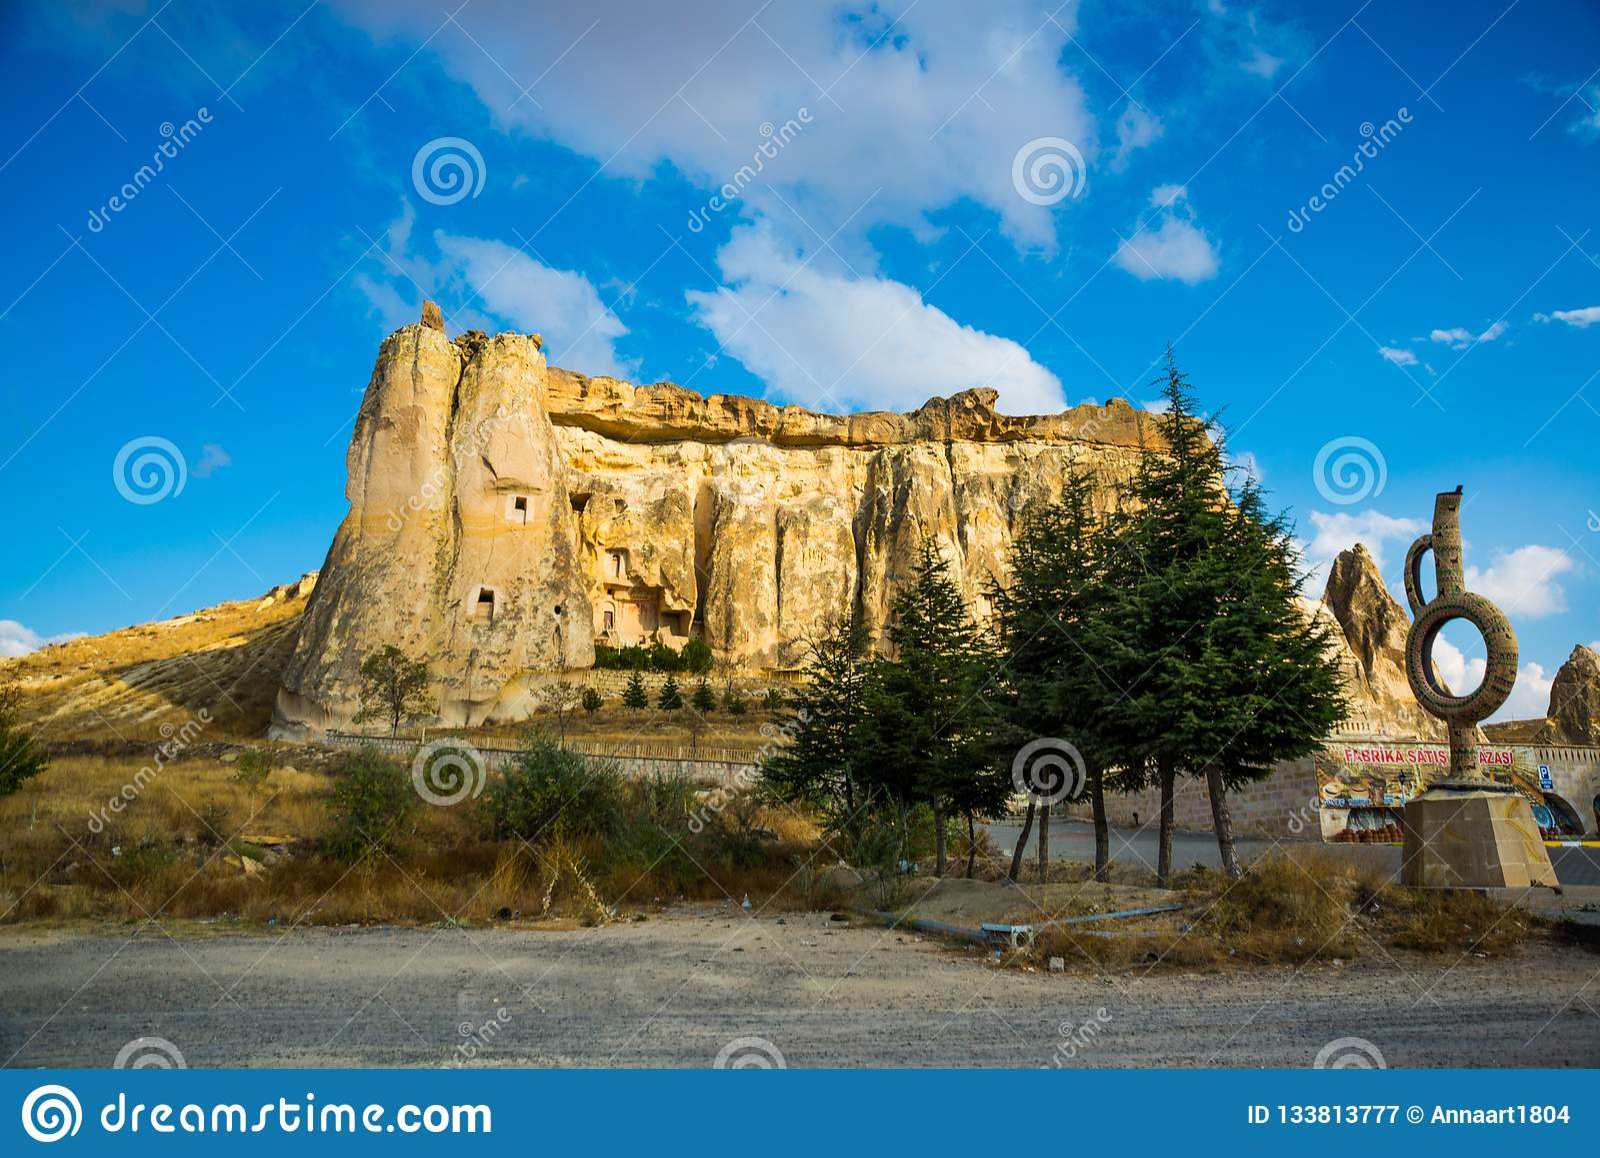 Kirche Nikifor Fokas, Nikeforos Fokas Kilisesi, auch gekennzeichnet als Taube, Guvercinlik, Cavusin-Kirche Der alte Tempel ist